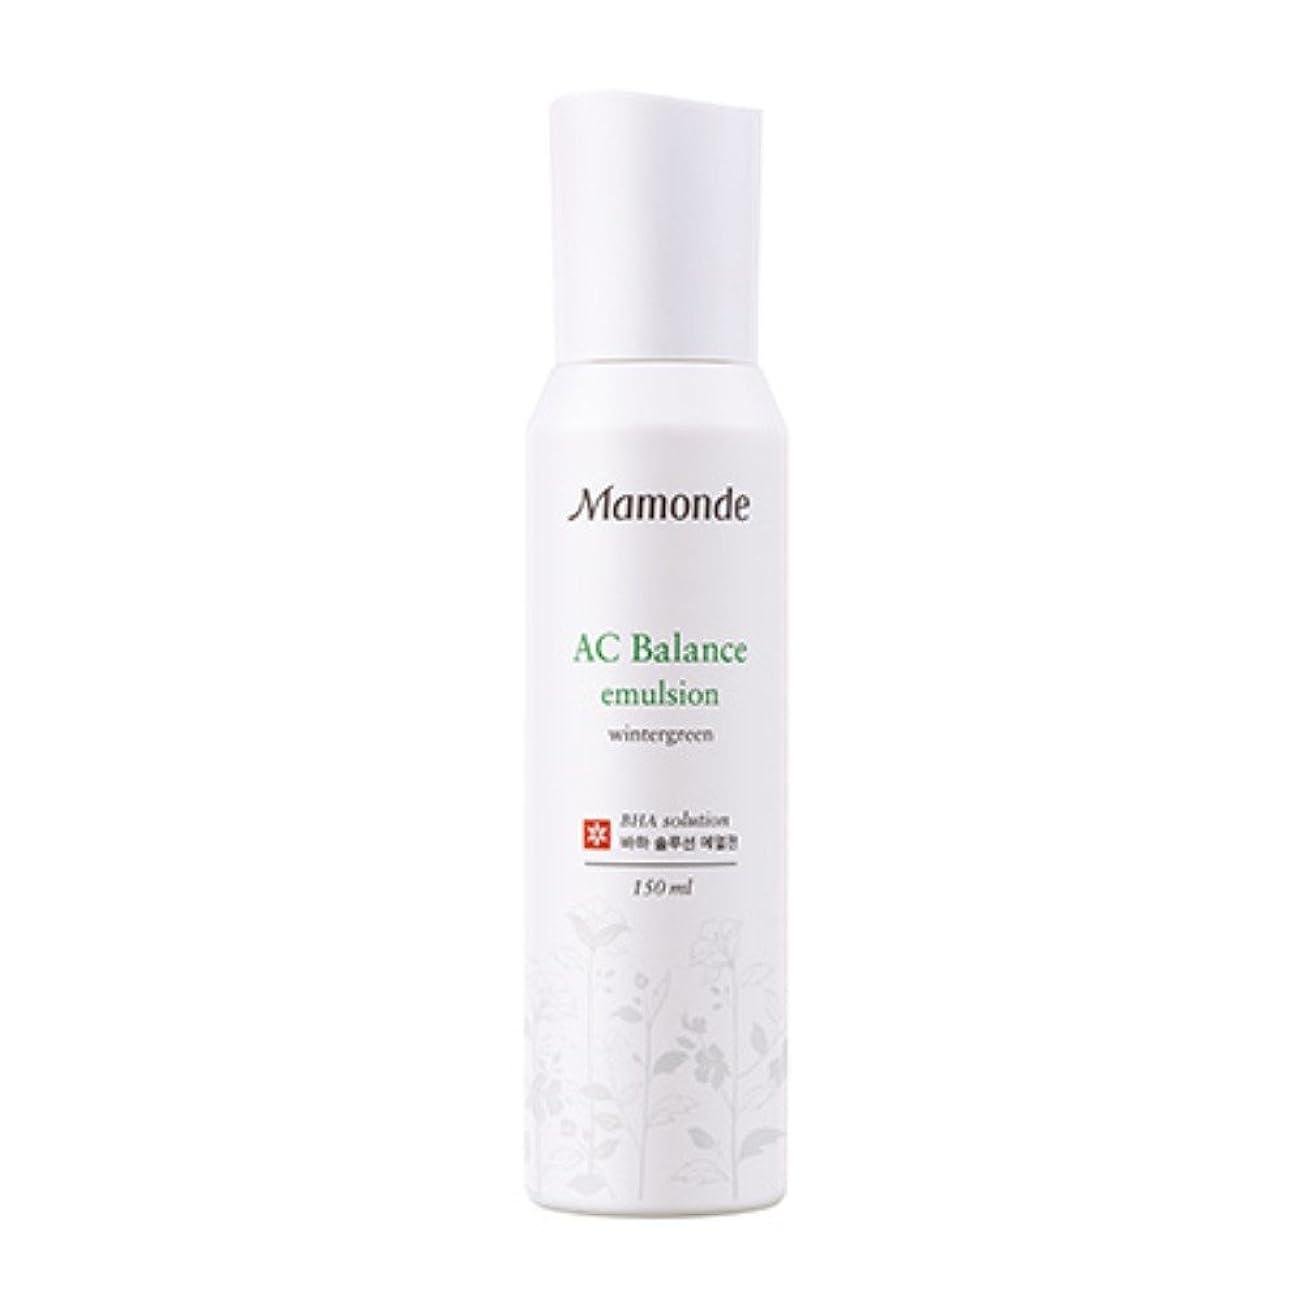 愛情演劇歴史家[New] Mamonde AC Balance Emulsion 150ml/マモンド AC バランス エマルジョン 150ml [並行輸入品]